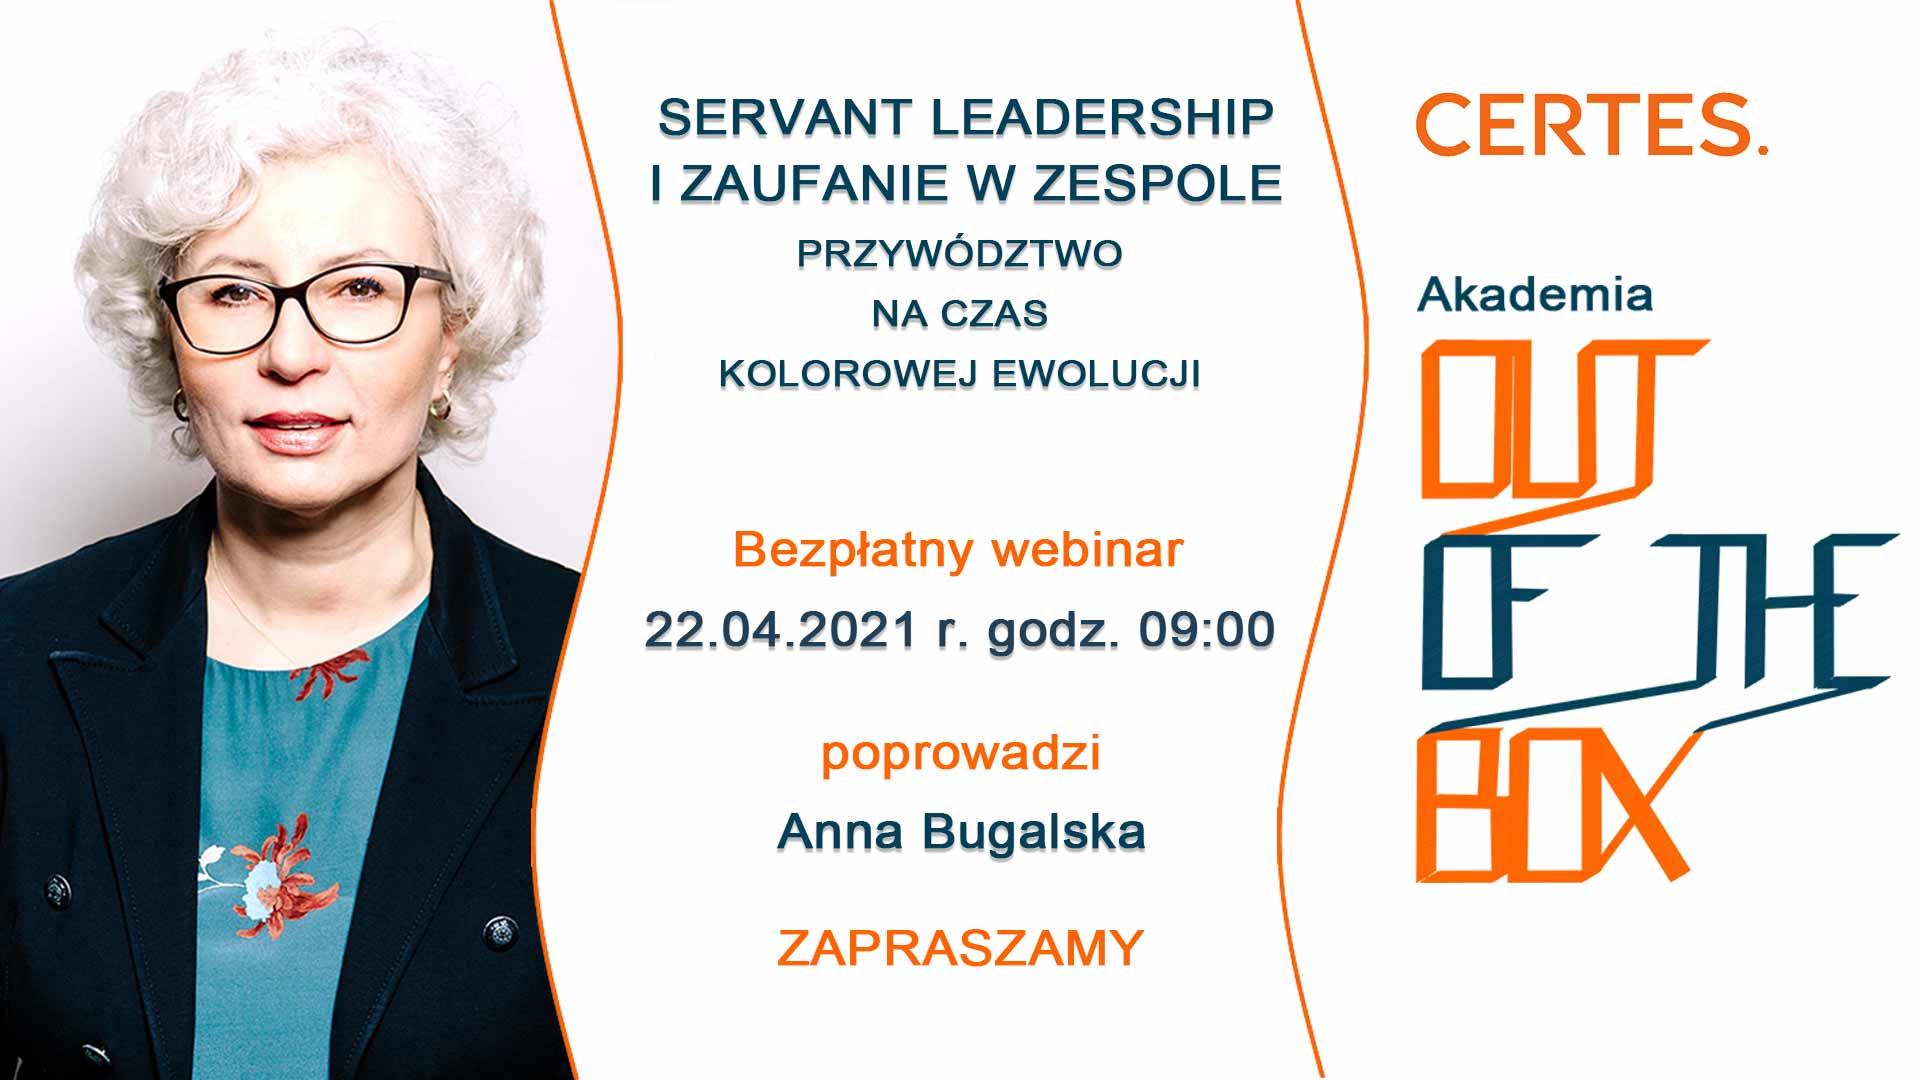 Akademia Out of the Box Webinar Rozwiązywanie problemów biznesowych z Dorotą Kabat